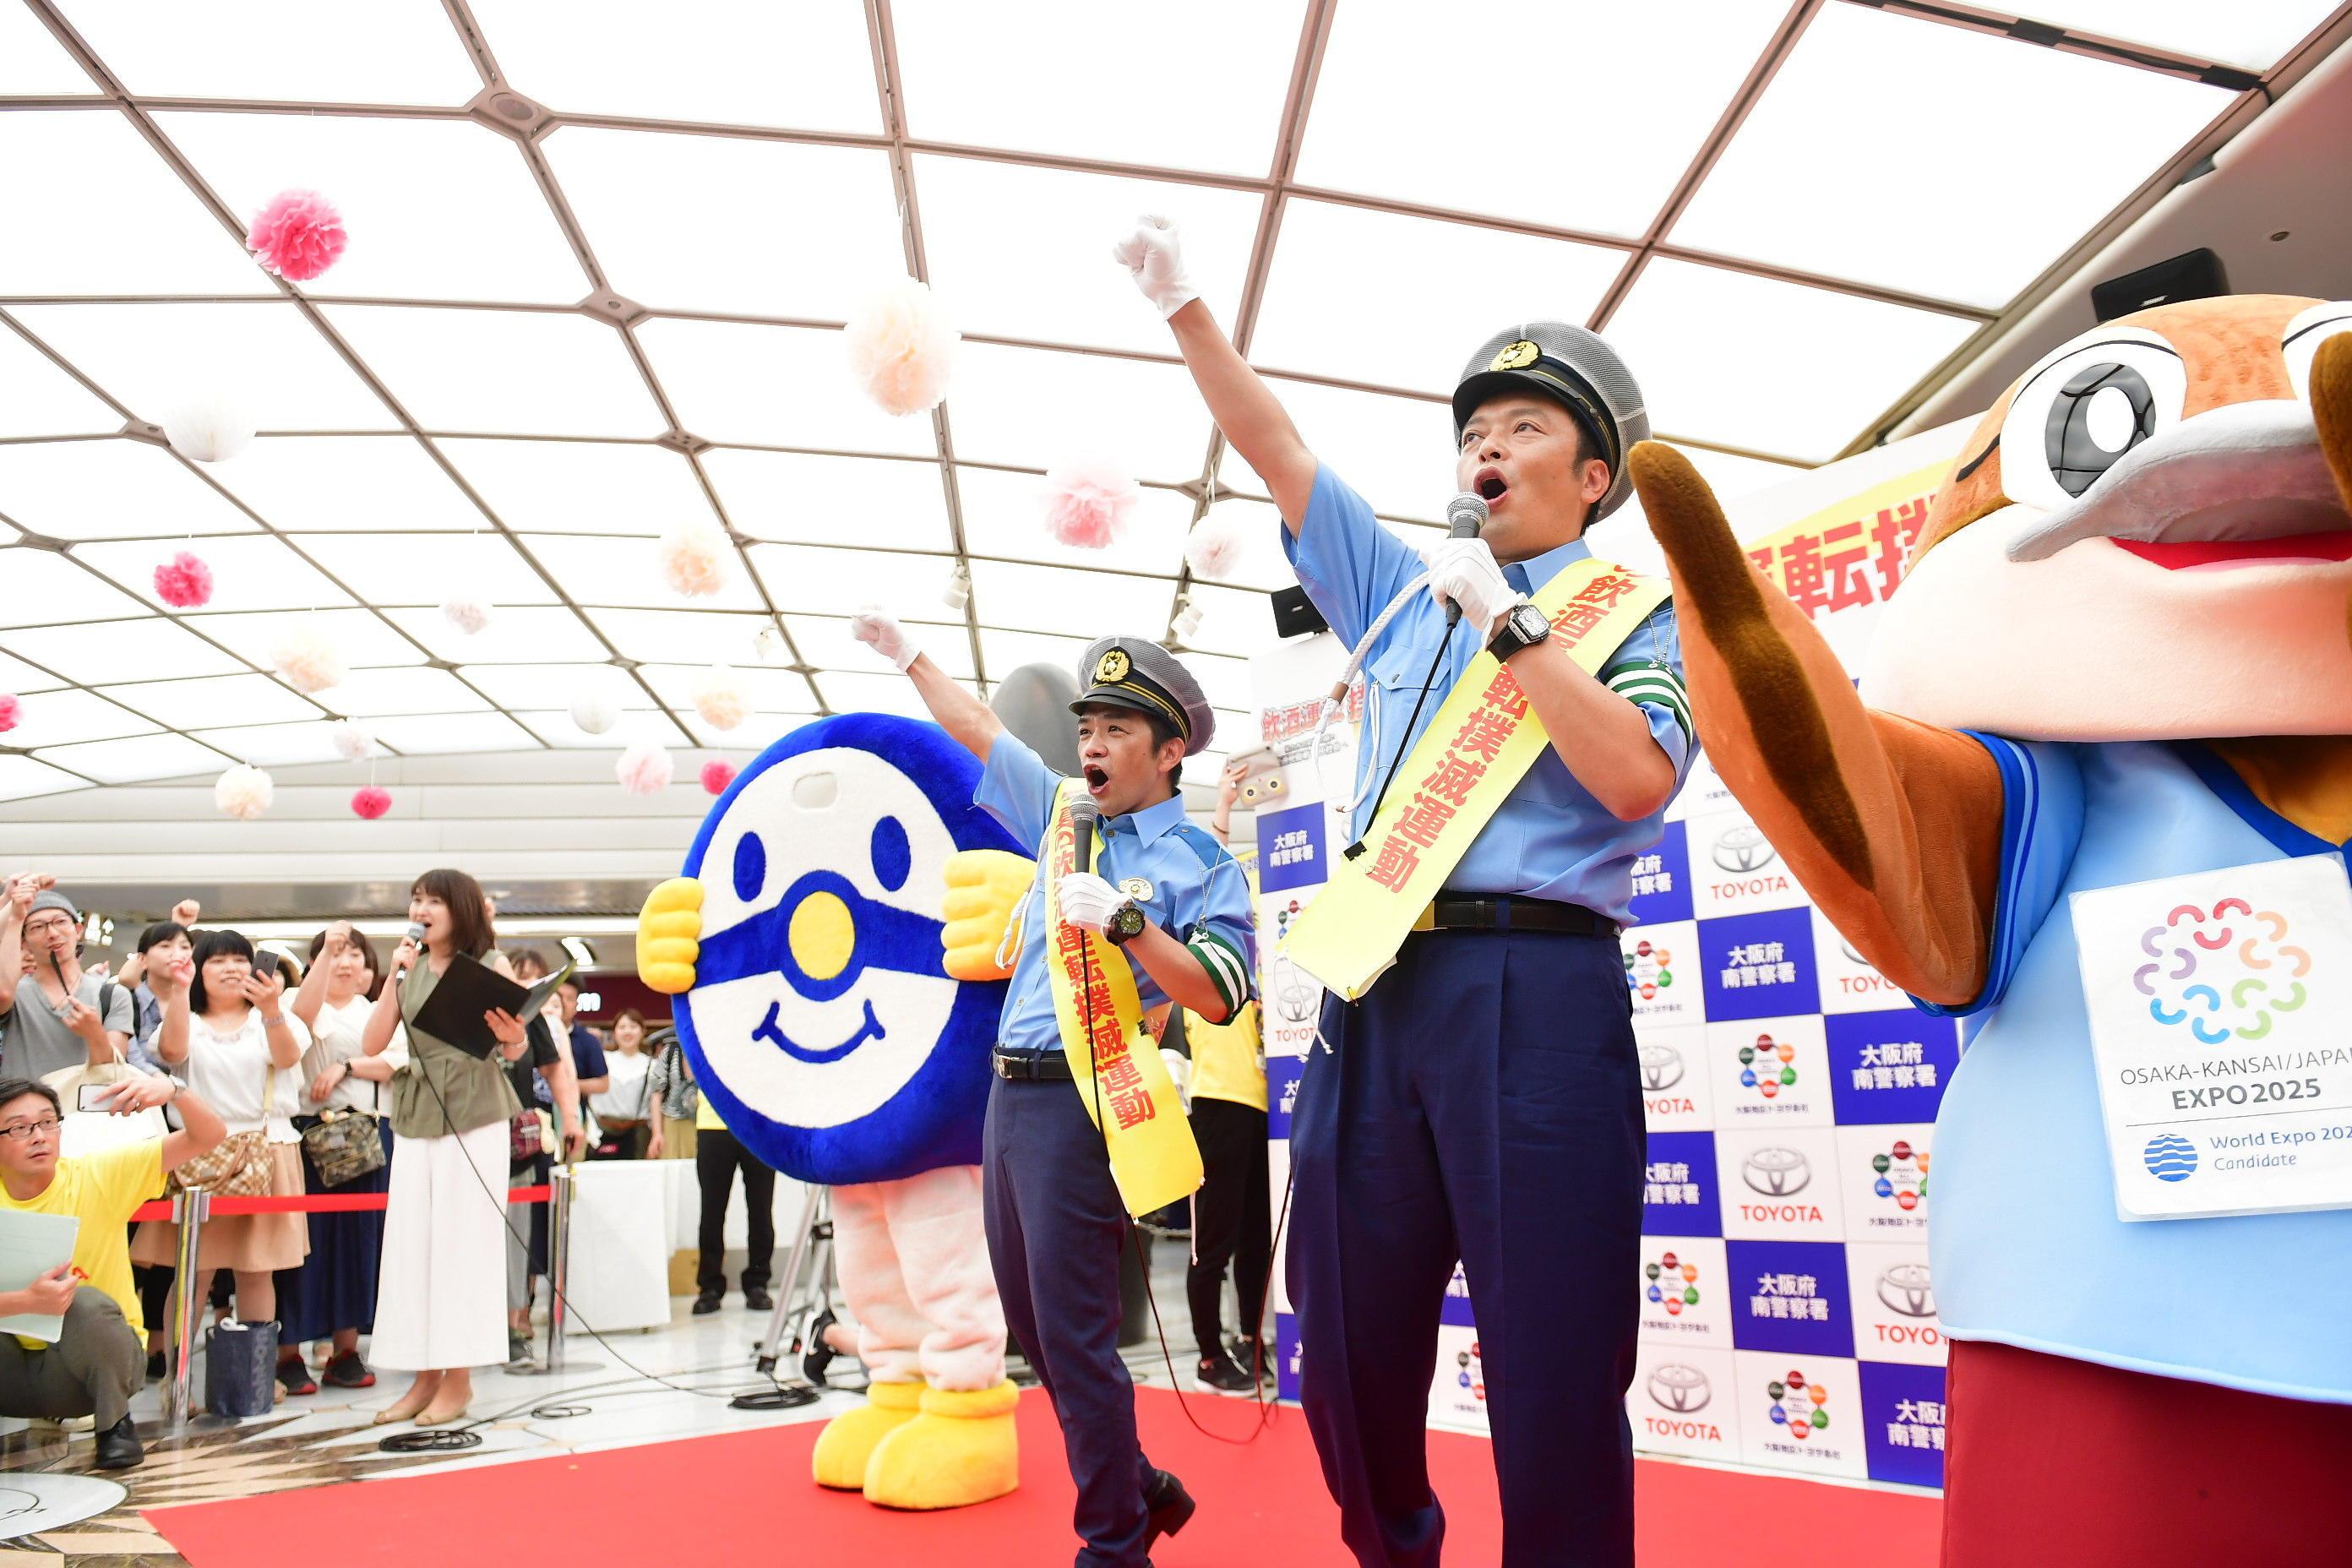 http://news.yoshimoto.co.jp/20180727202214-5430b09469c89999d8c9602ecde06942d5719fec.jpg